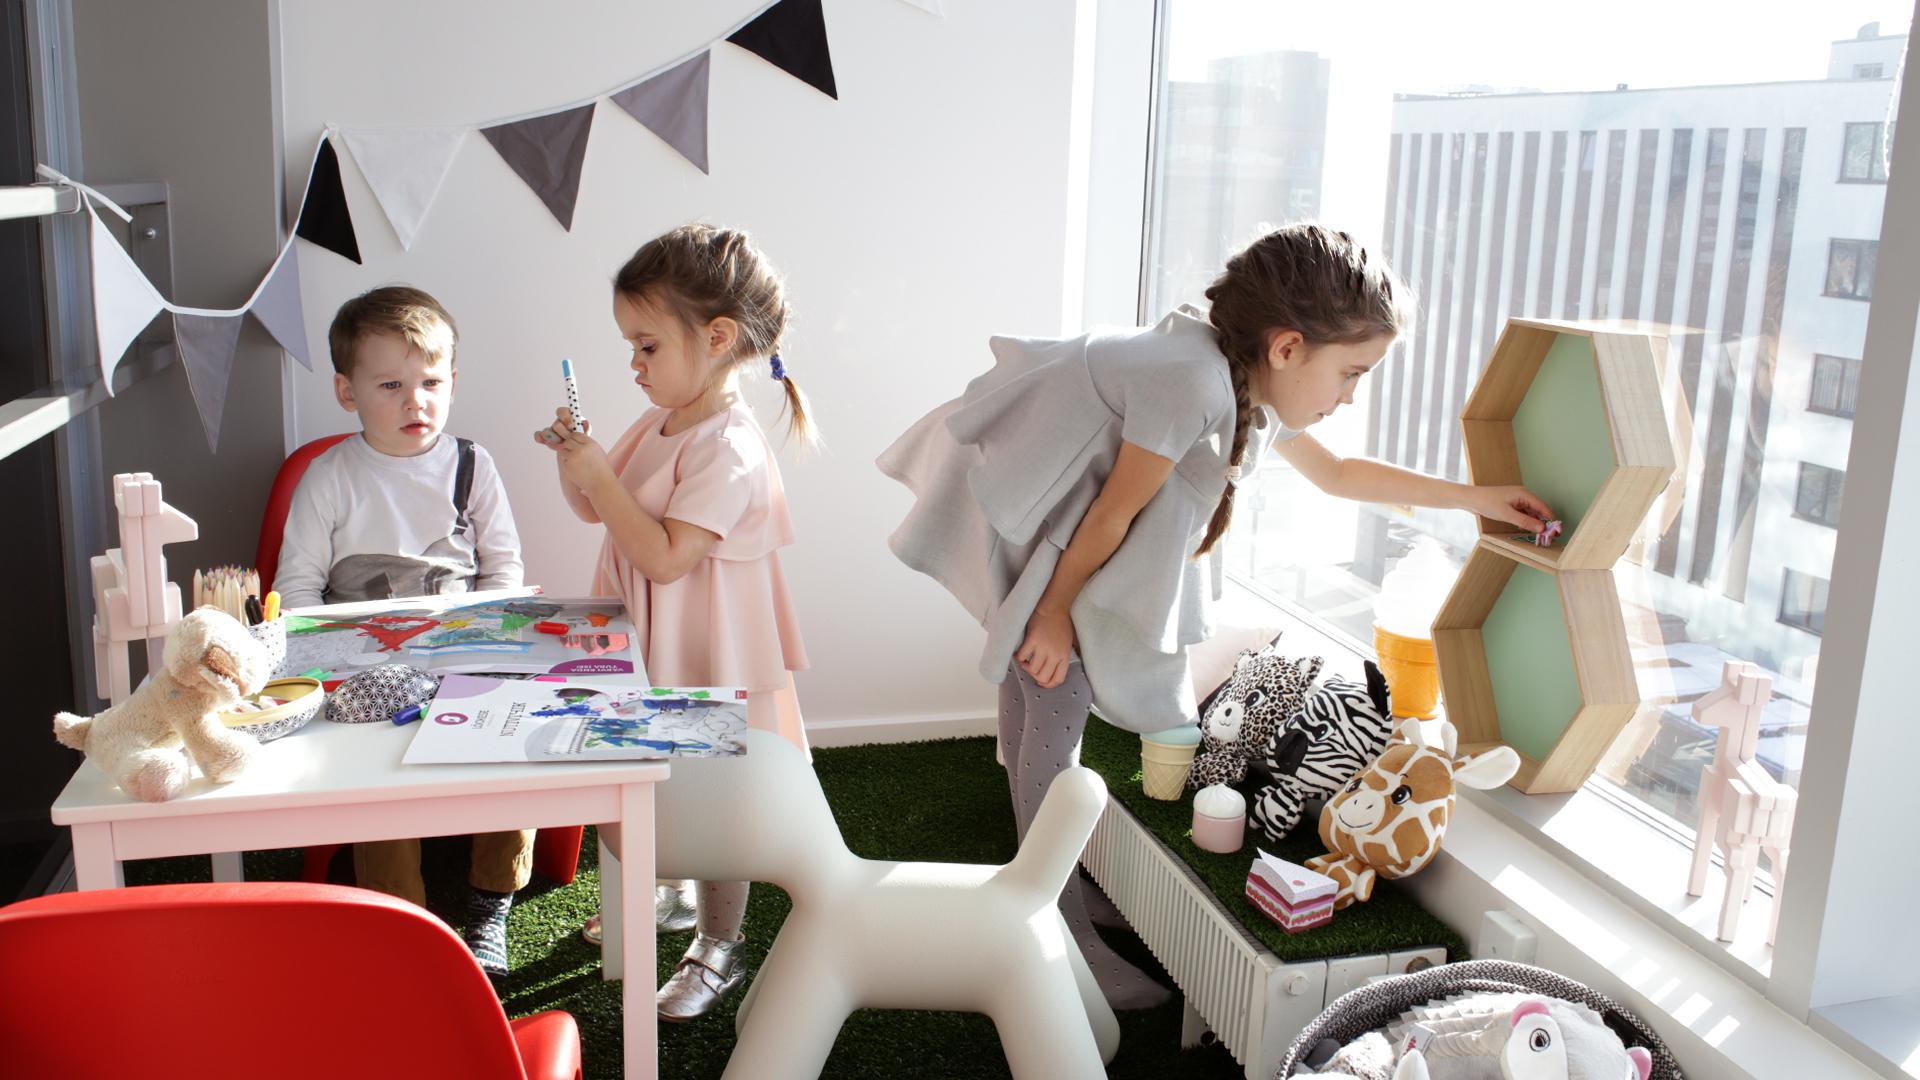 Pressiteade: Luksus lastele: vinge vaatega mängunurk Endover Kinnisvara kontoris (fotod ja video!)